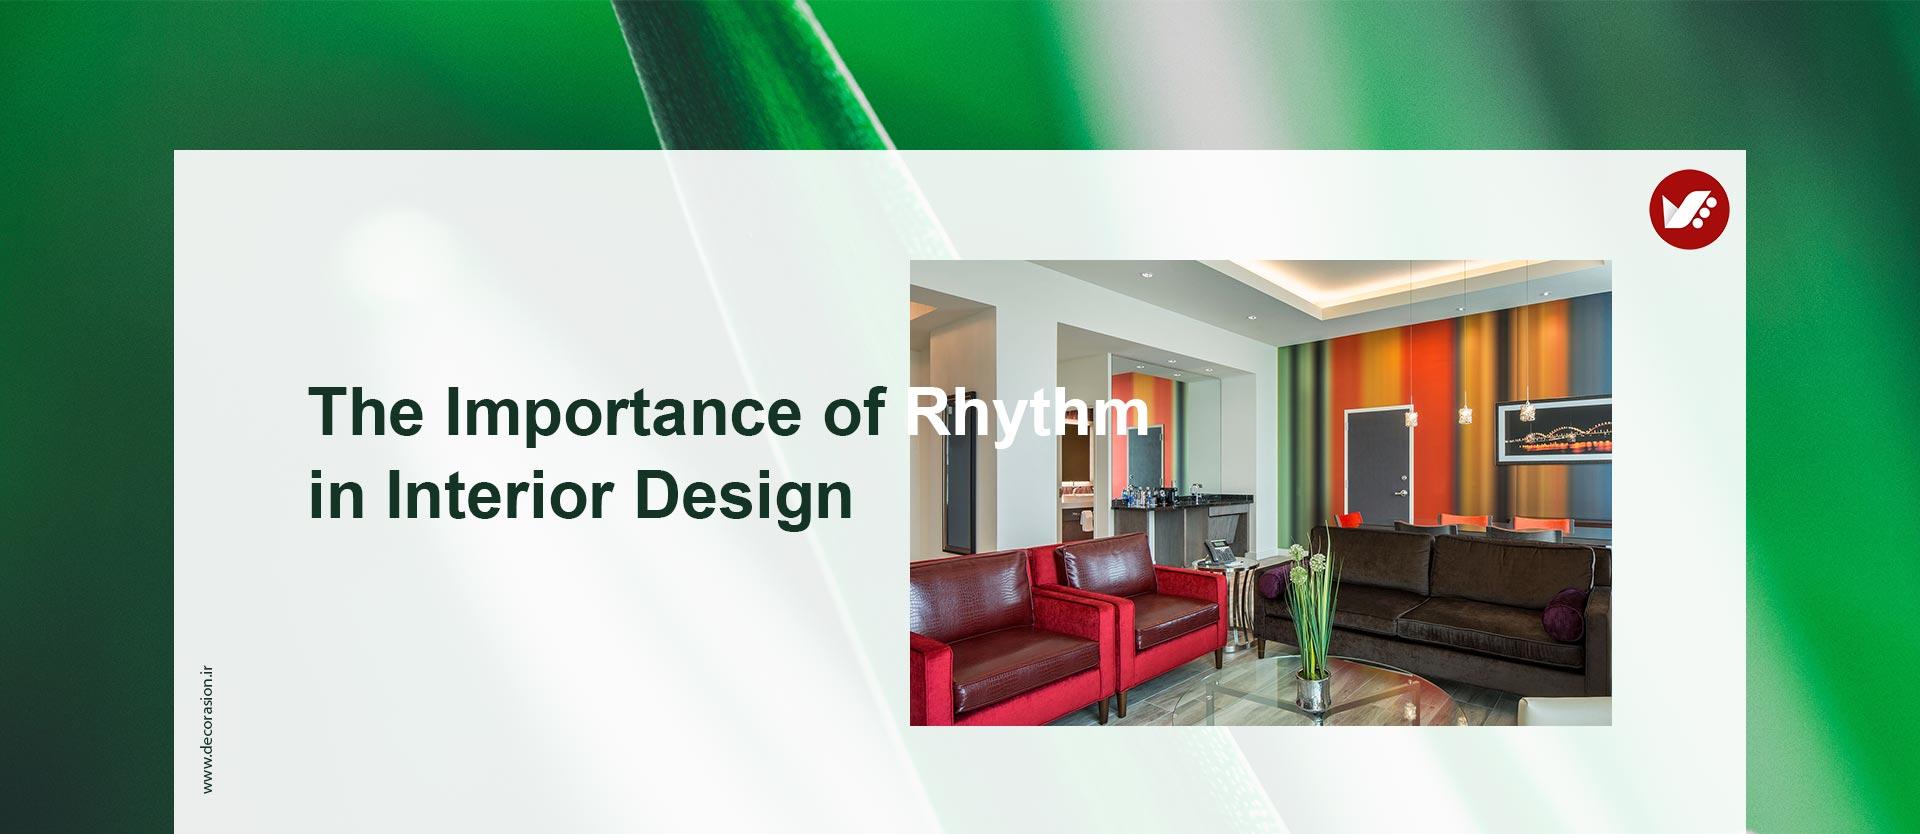 ریتم در طراحی داخلی